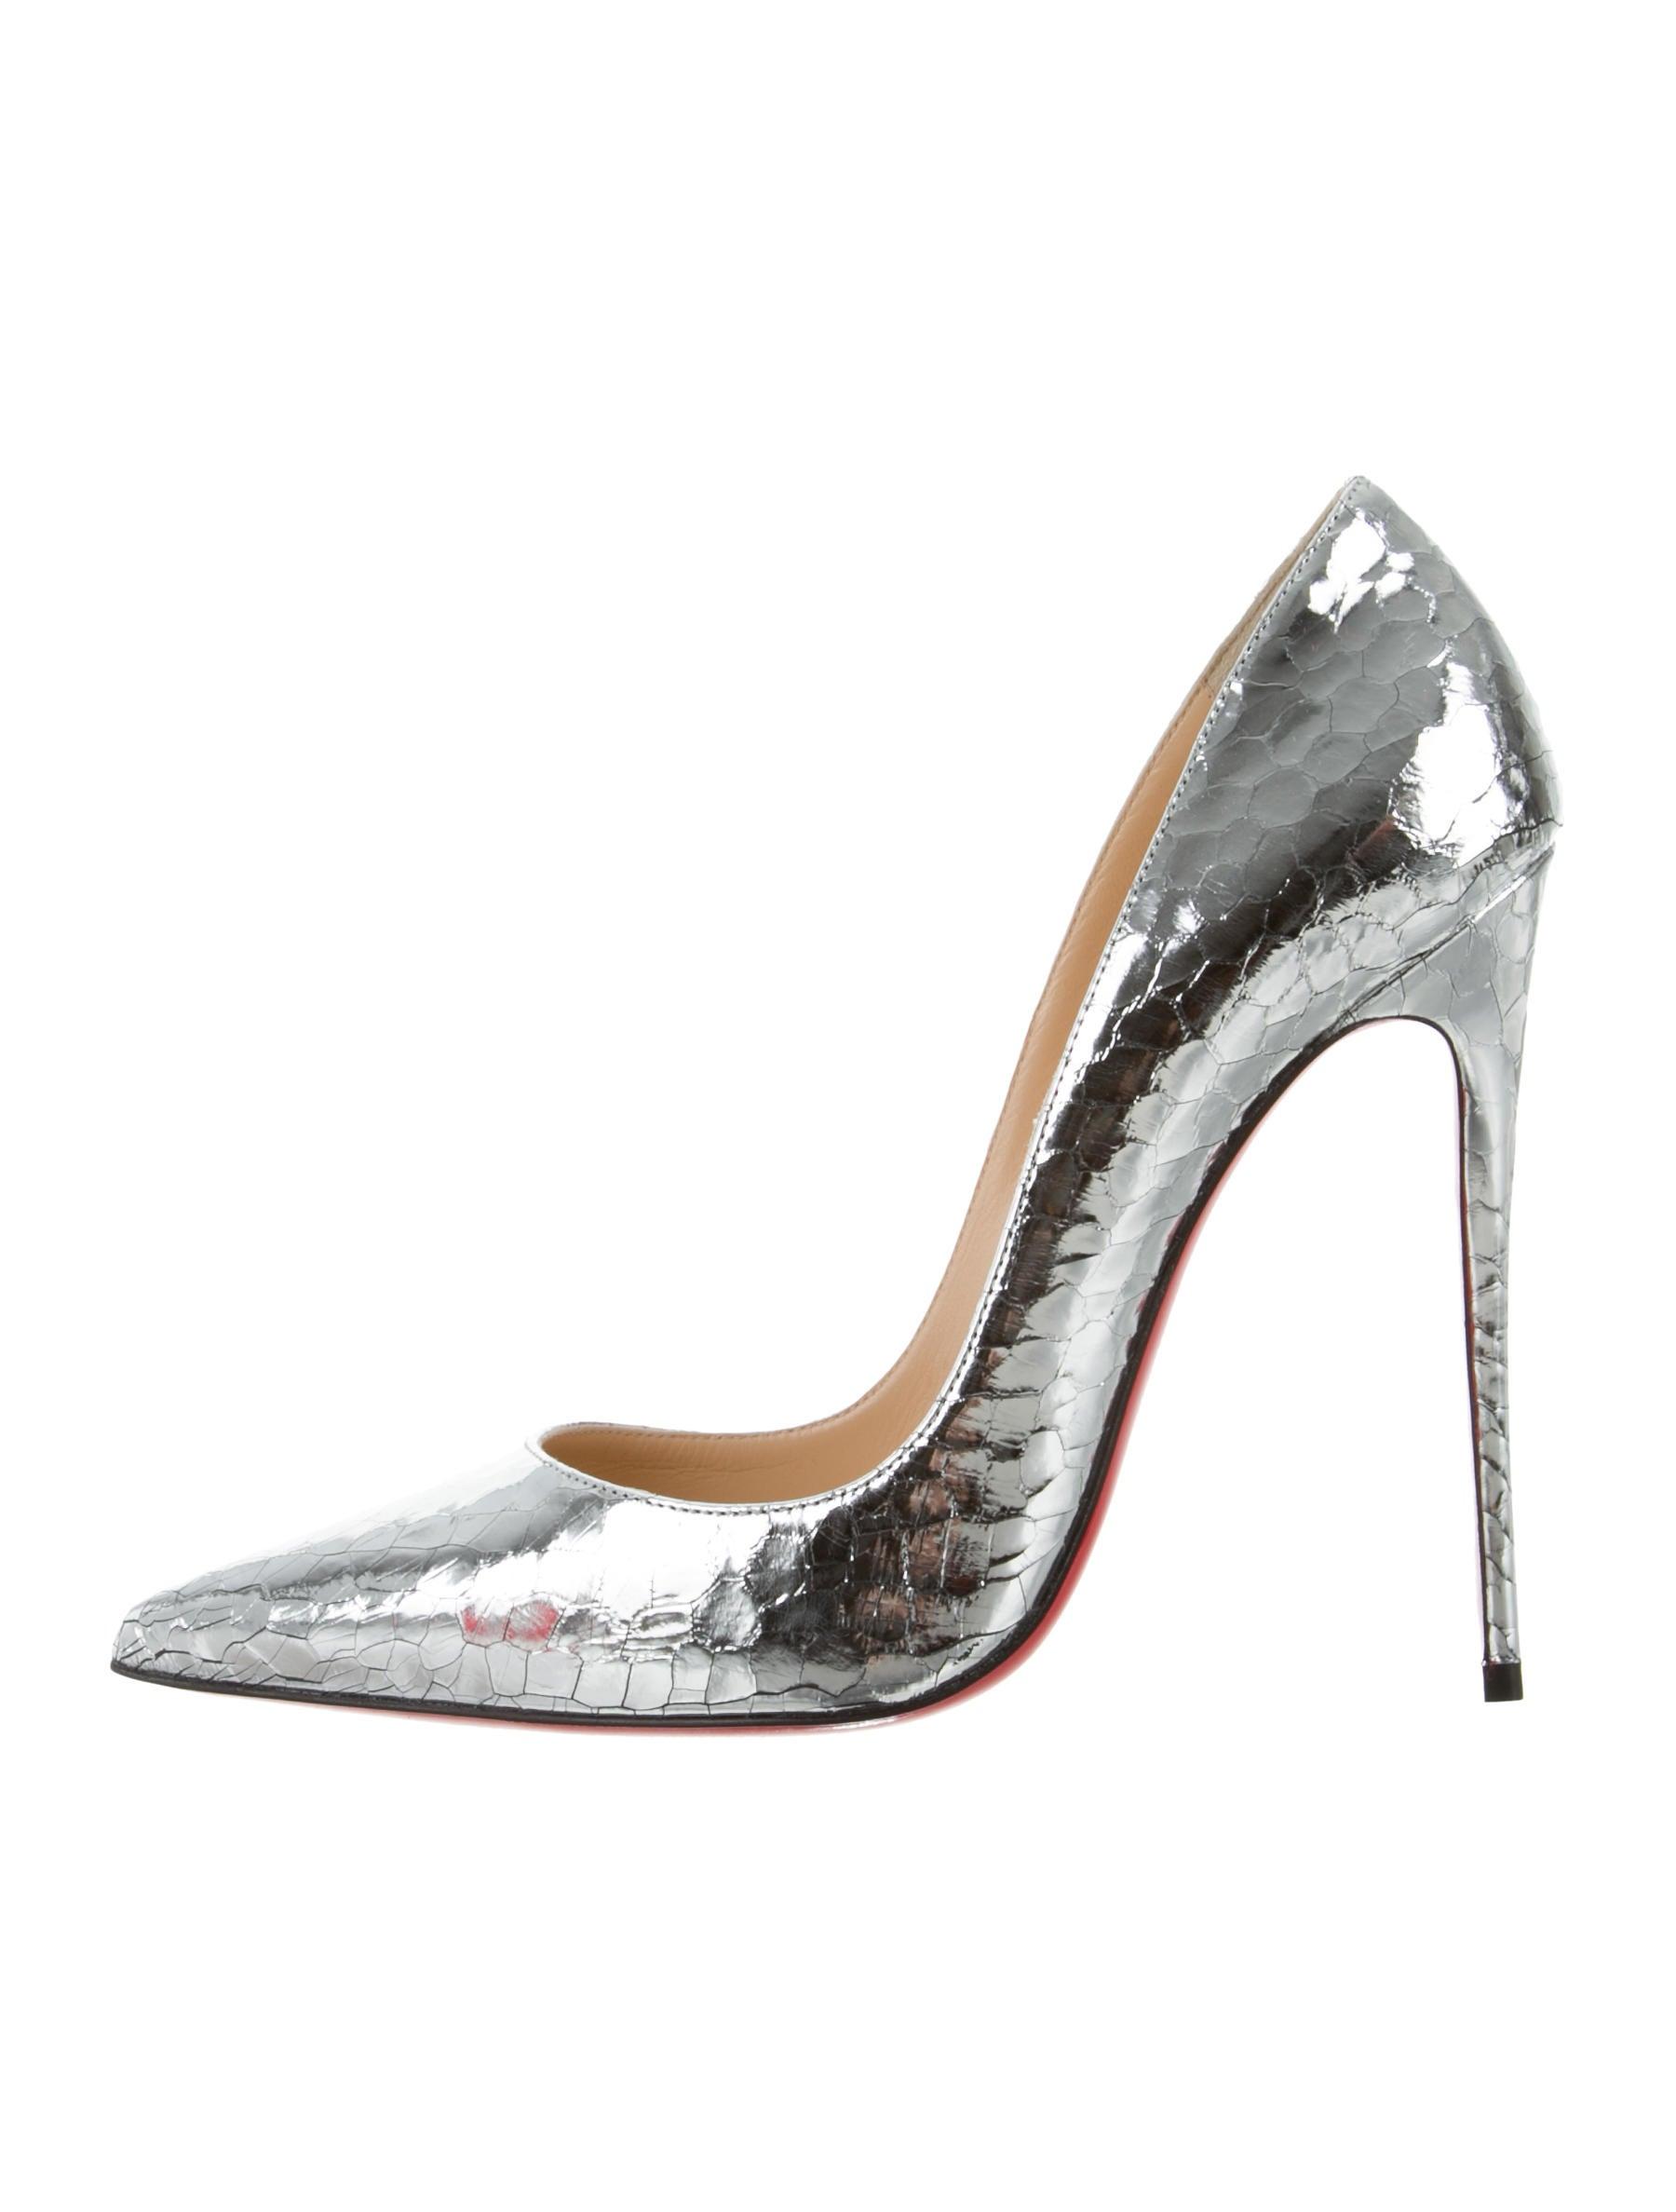 d5ce687775d Christian Louboutin So Kate 120 Specchio Martele Pumps - Shoes ...